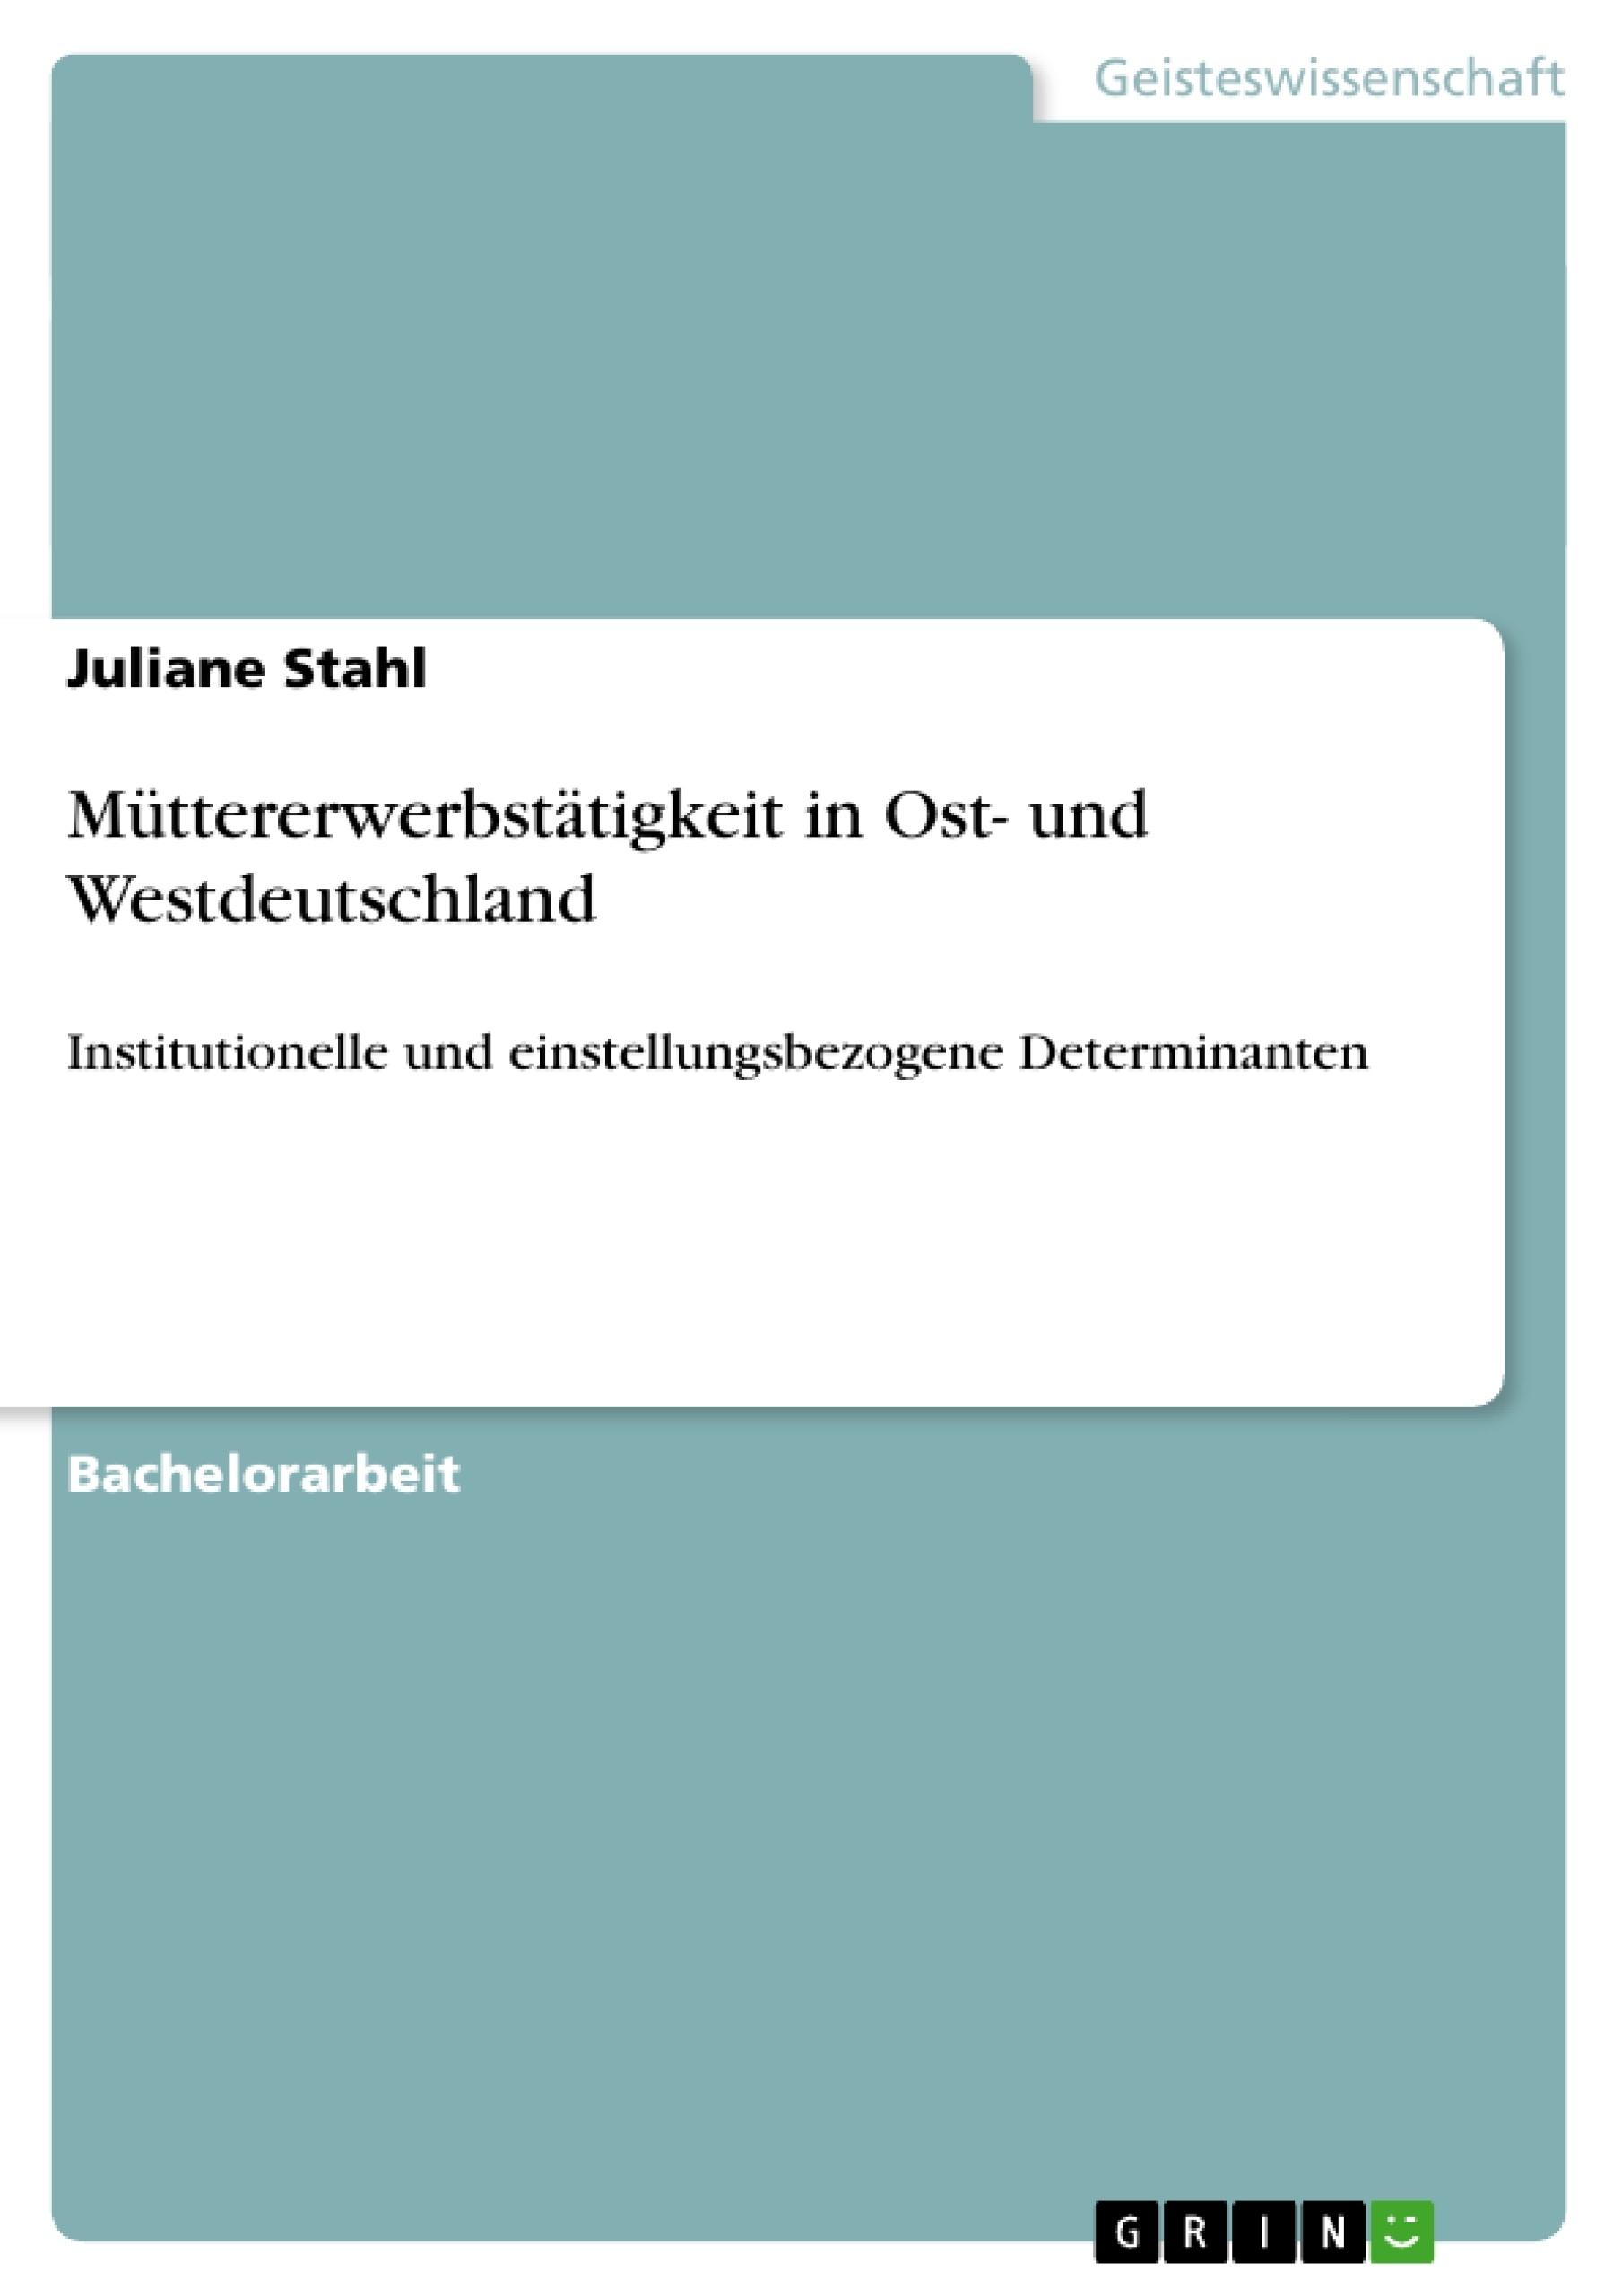 Titel: Müttererwerbstätigkeit in Ost- und Westdeutschland